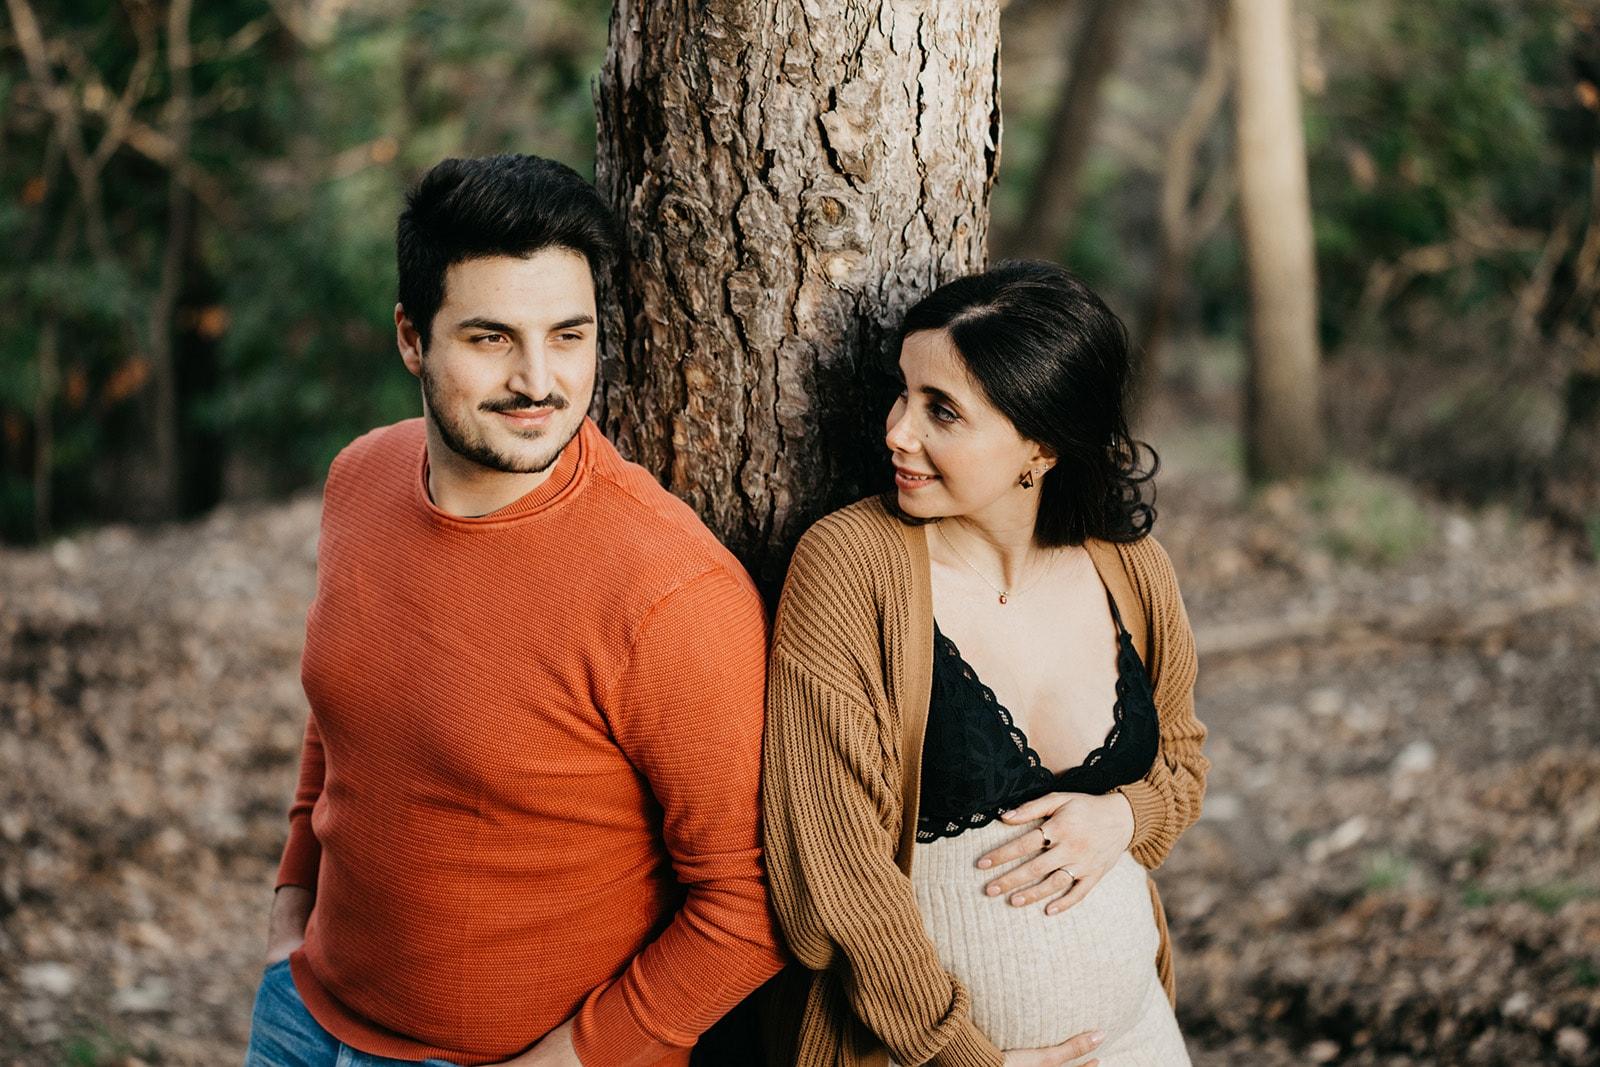 Rebecca Rinaldi fotografia maternità e gravidanza Genova. Futura mamma e futuro papà appoggiati ad un albero si guardano.